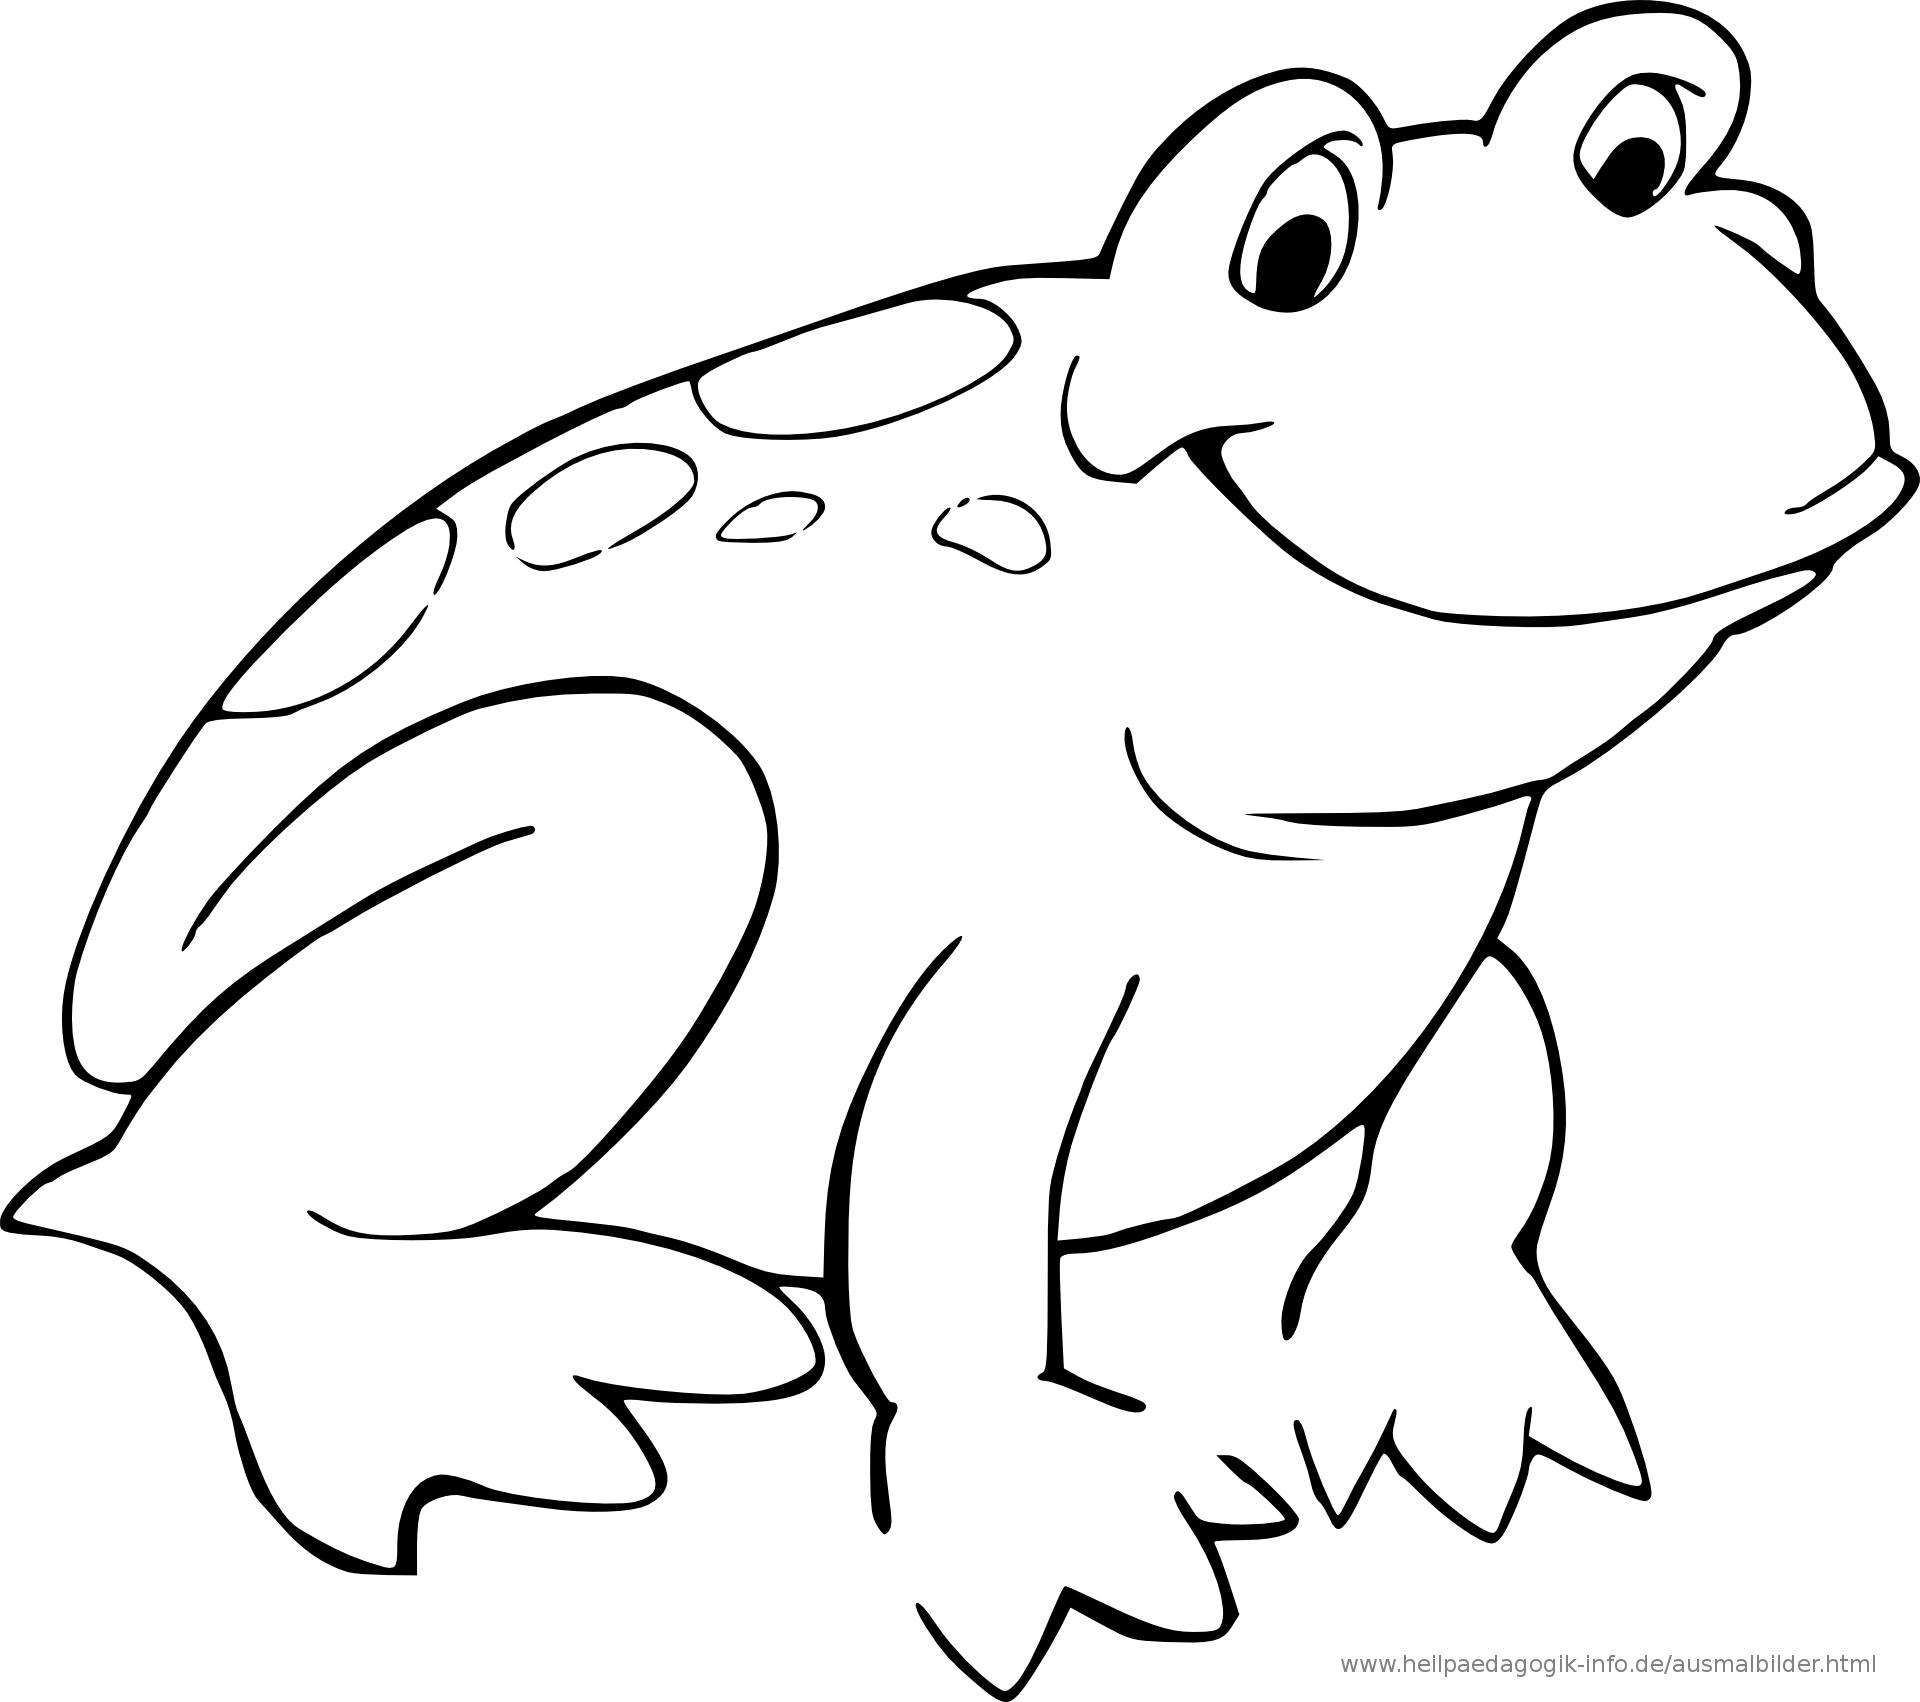 Frosch Malvorlage Kostenlos - tiffanylovesbooks